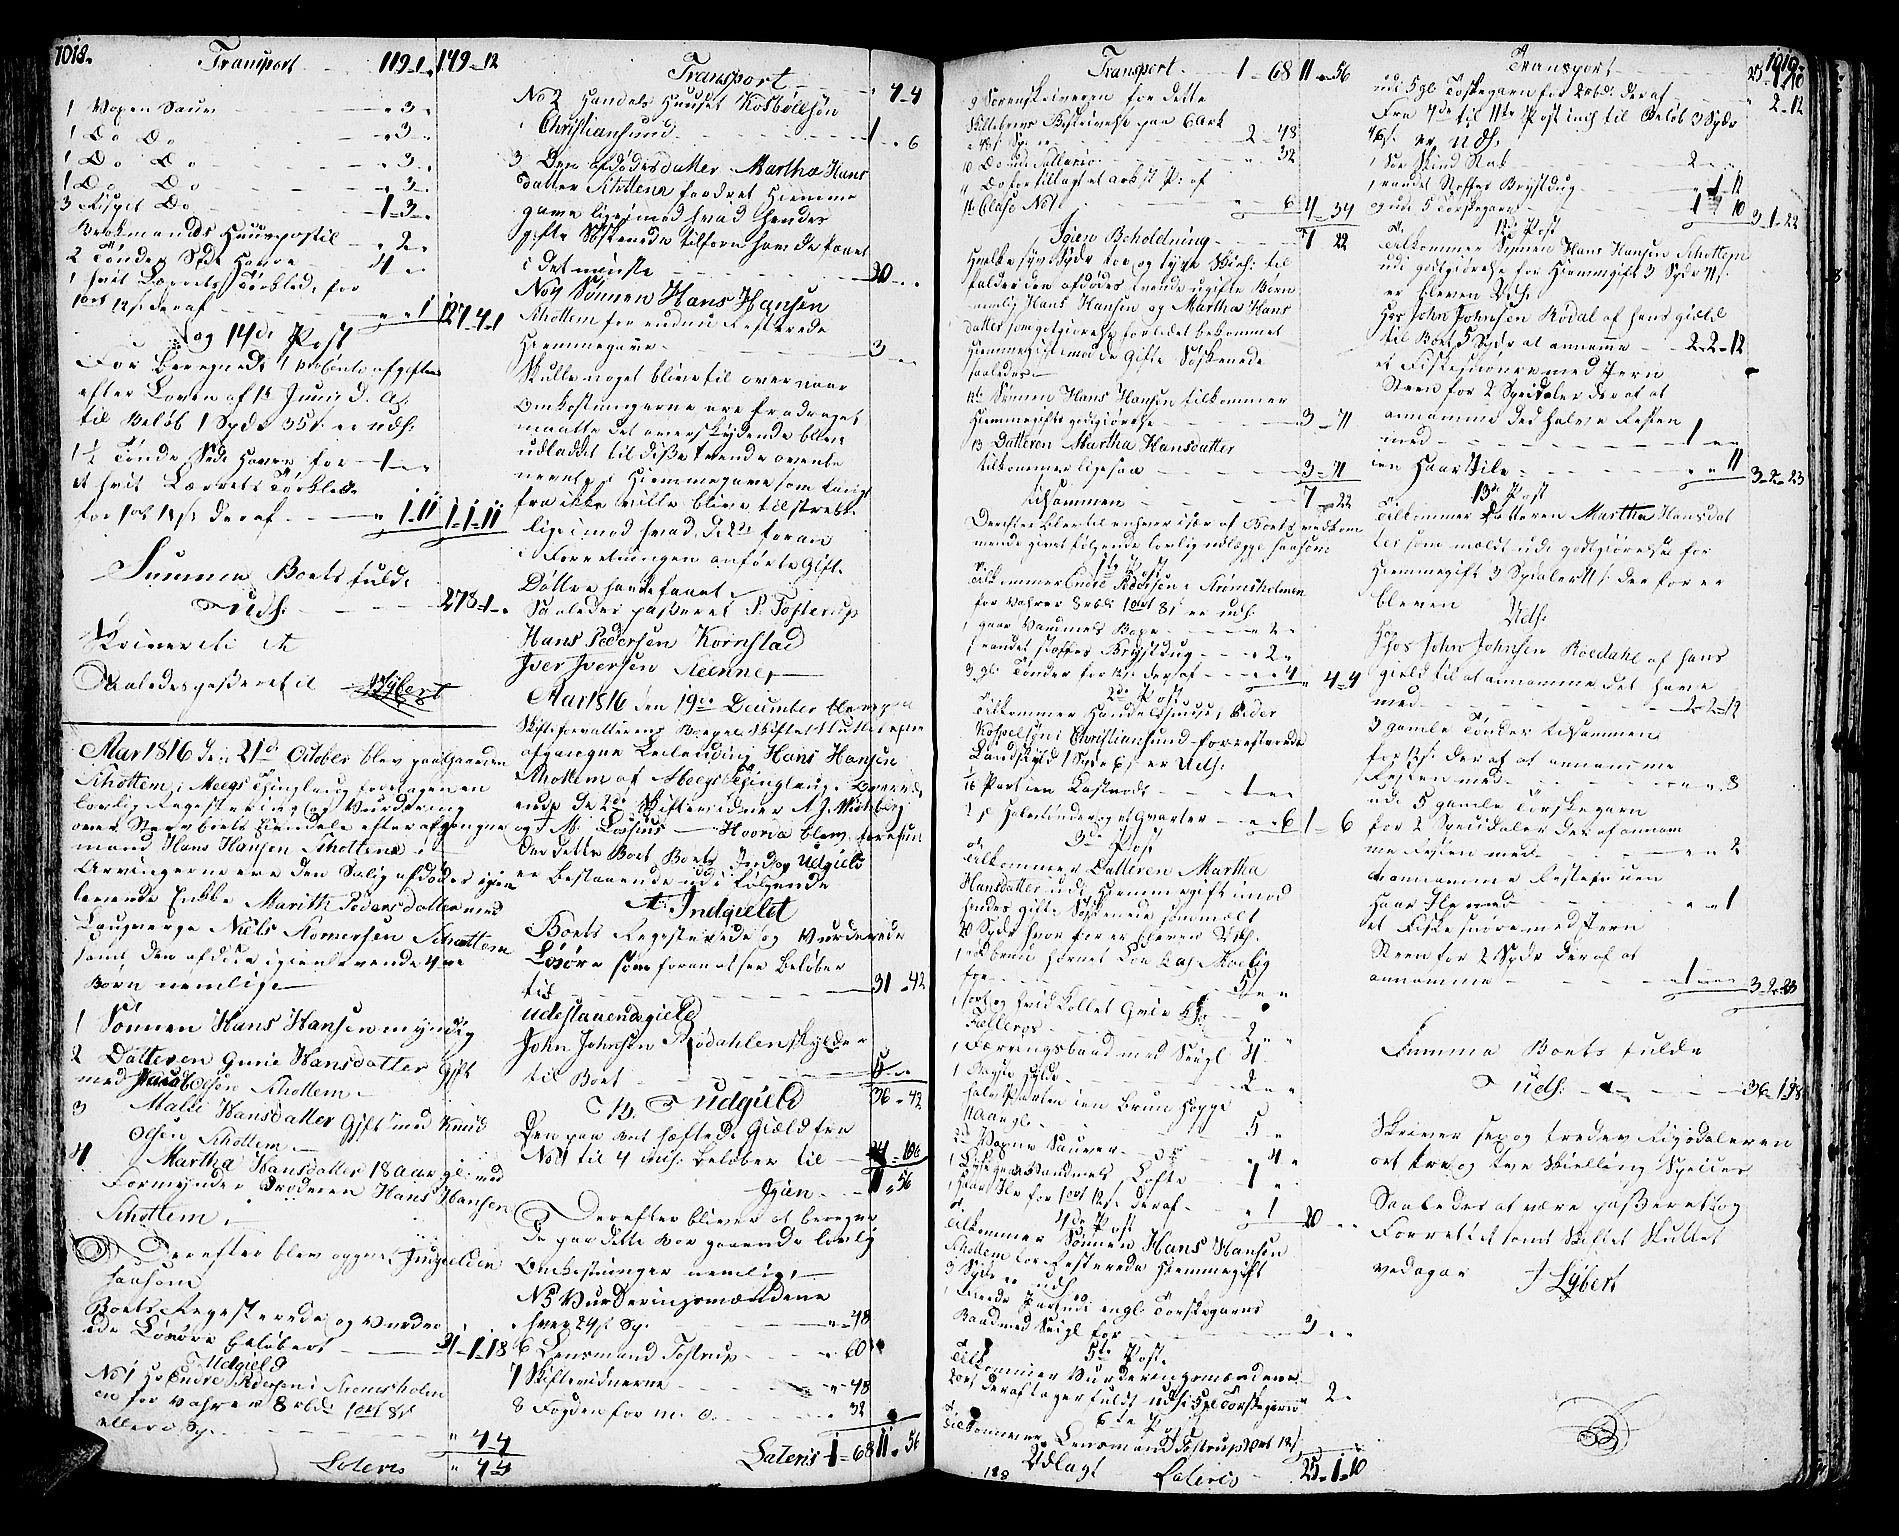 SAT, Nordmøre sorenskriveri, 3/3A/L0025: Skifteprotokoll nr. 23, 1813-1817, s. 1018-1019